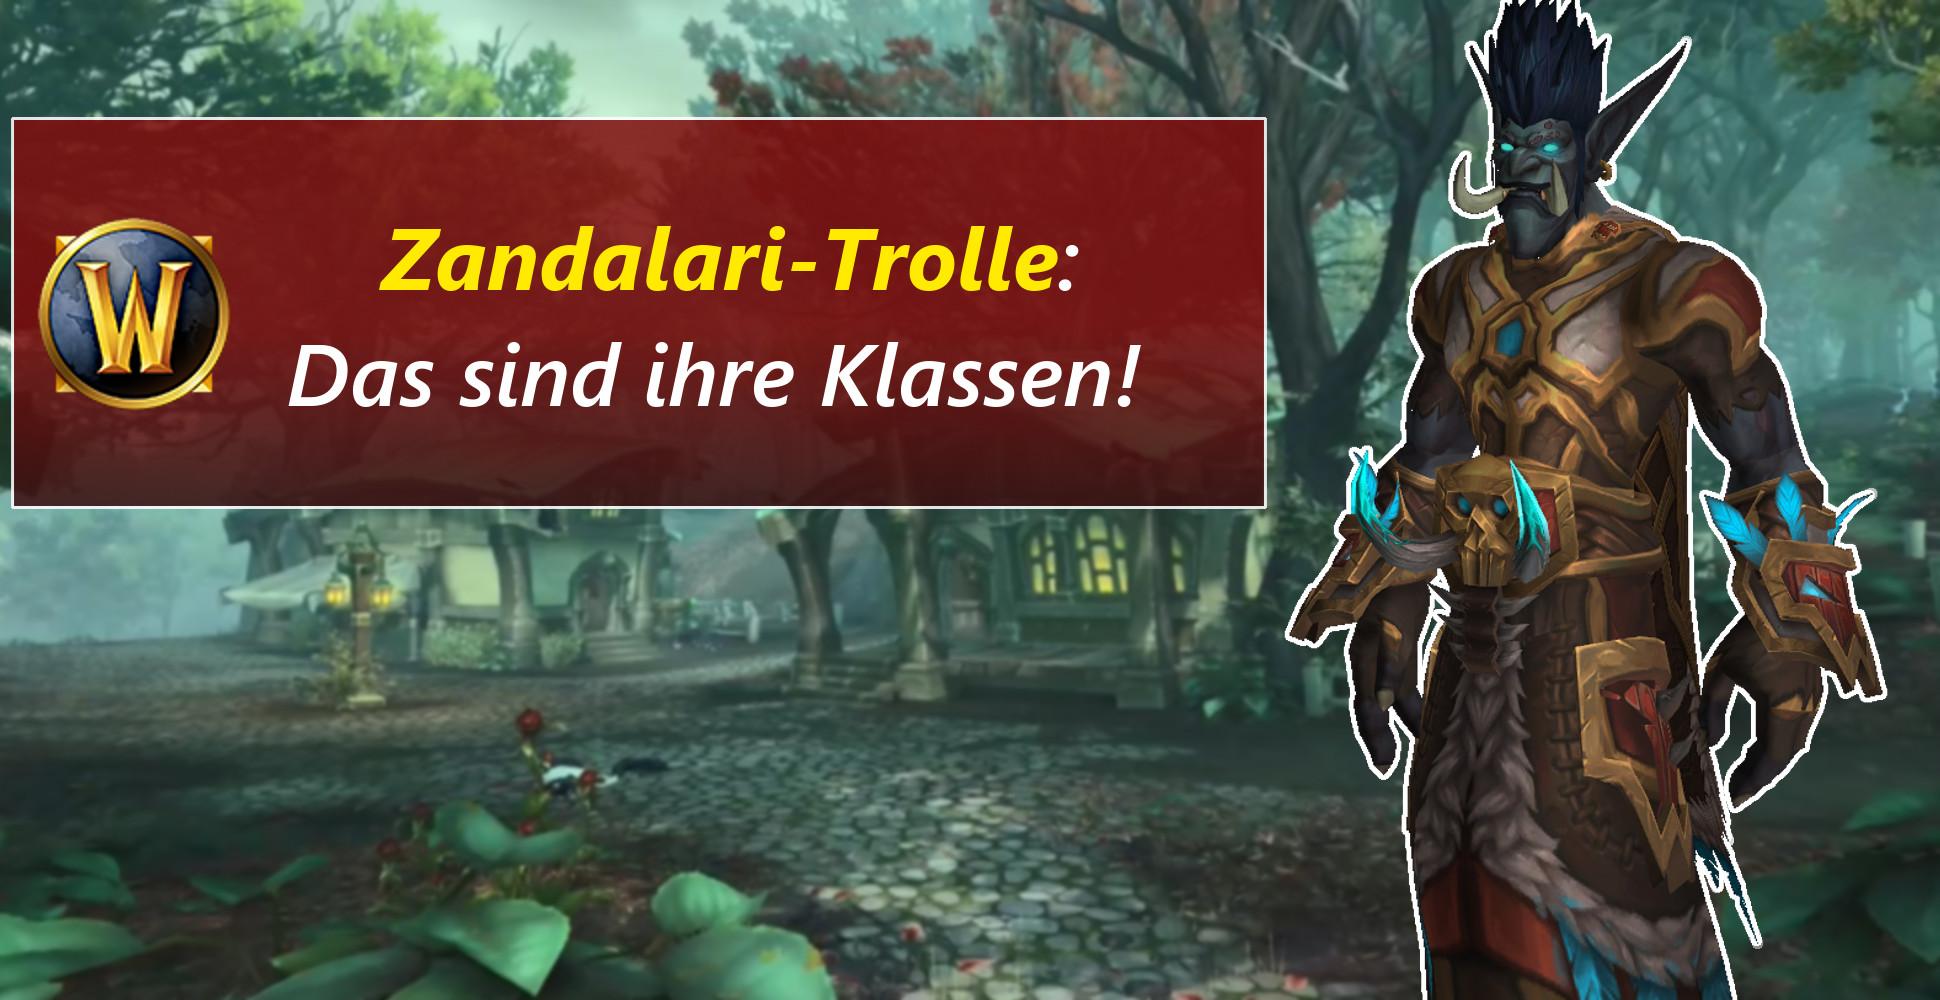 Diese Klassen können Zandalari-Trolle in WoW: Battle for Azeroth spielen